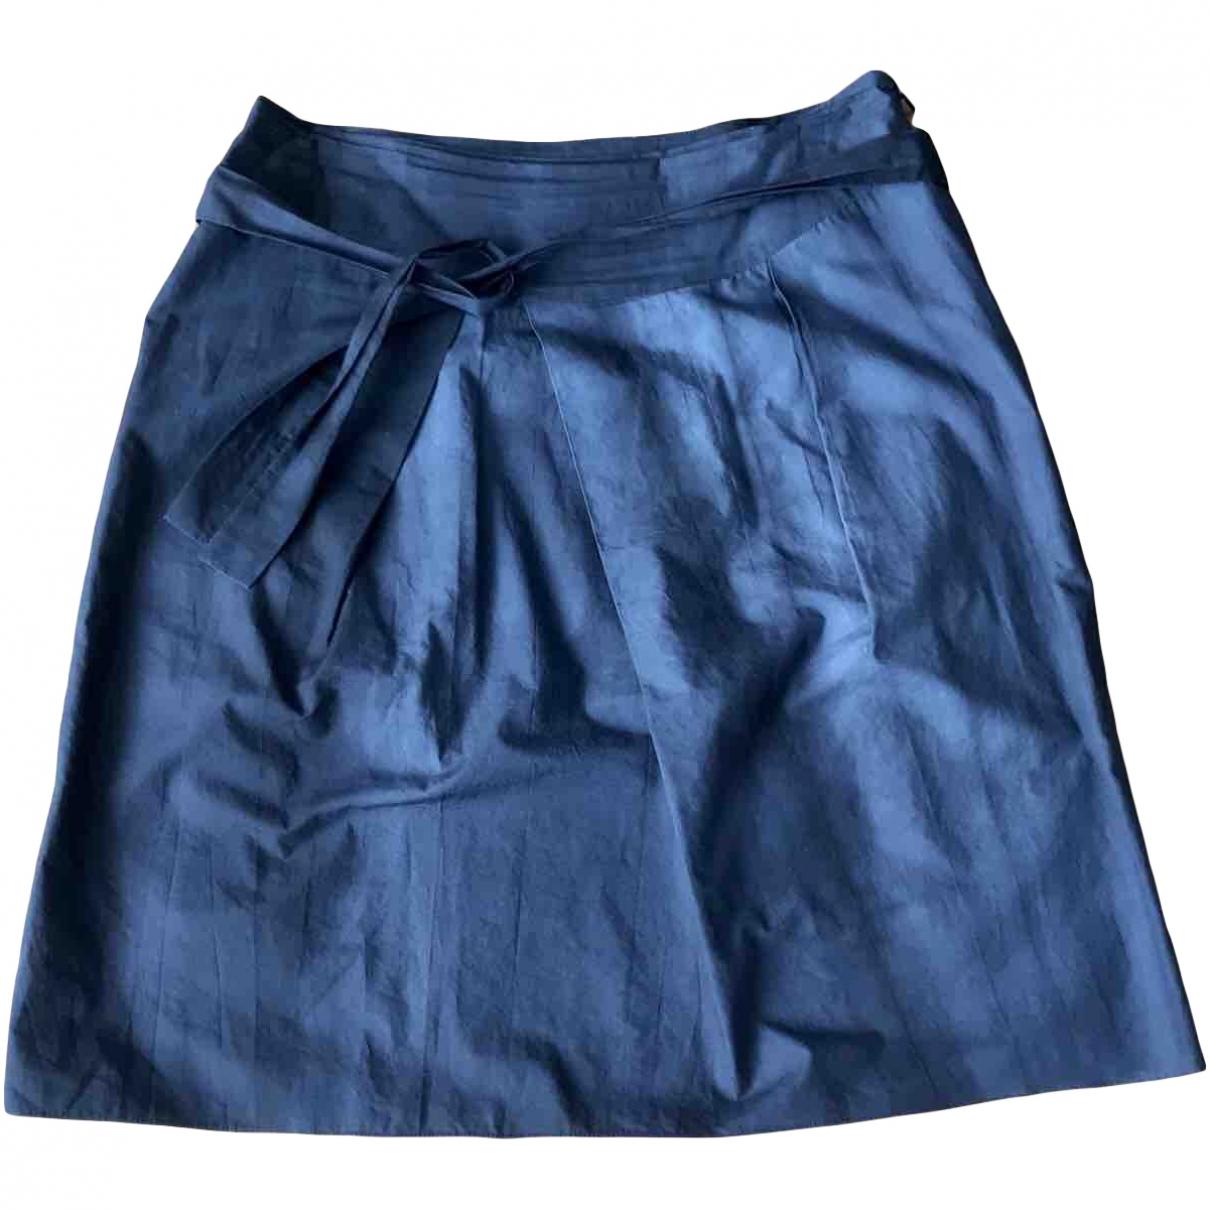 Marni \N Navy Cotton skirt for Women 44 IT